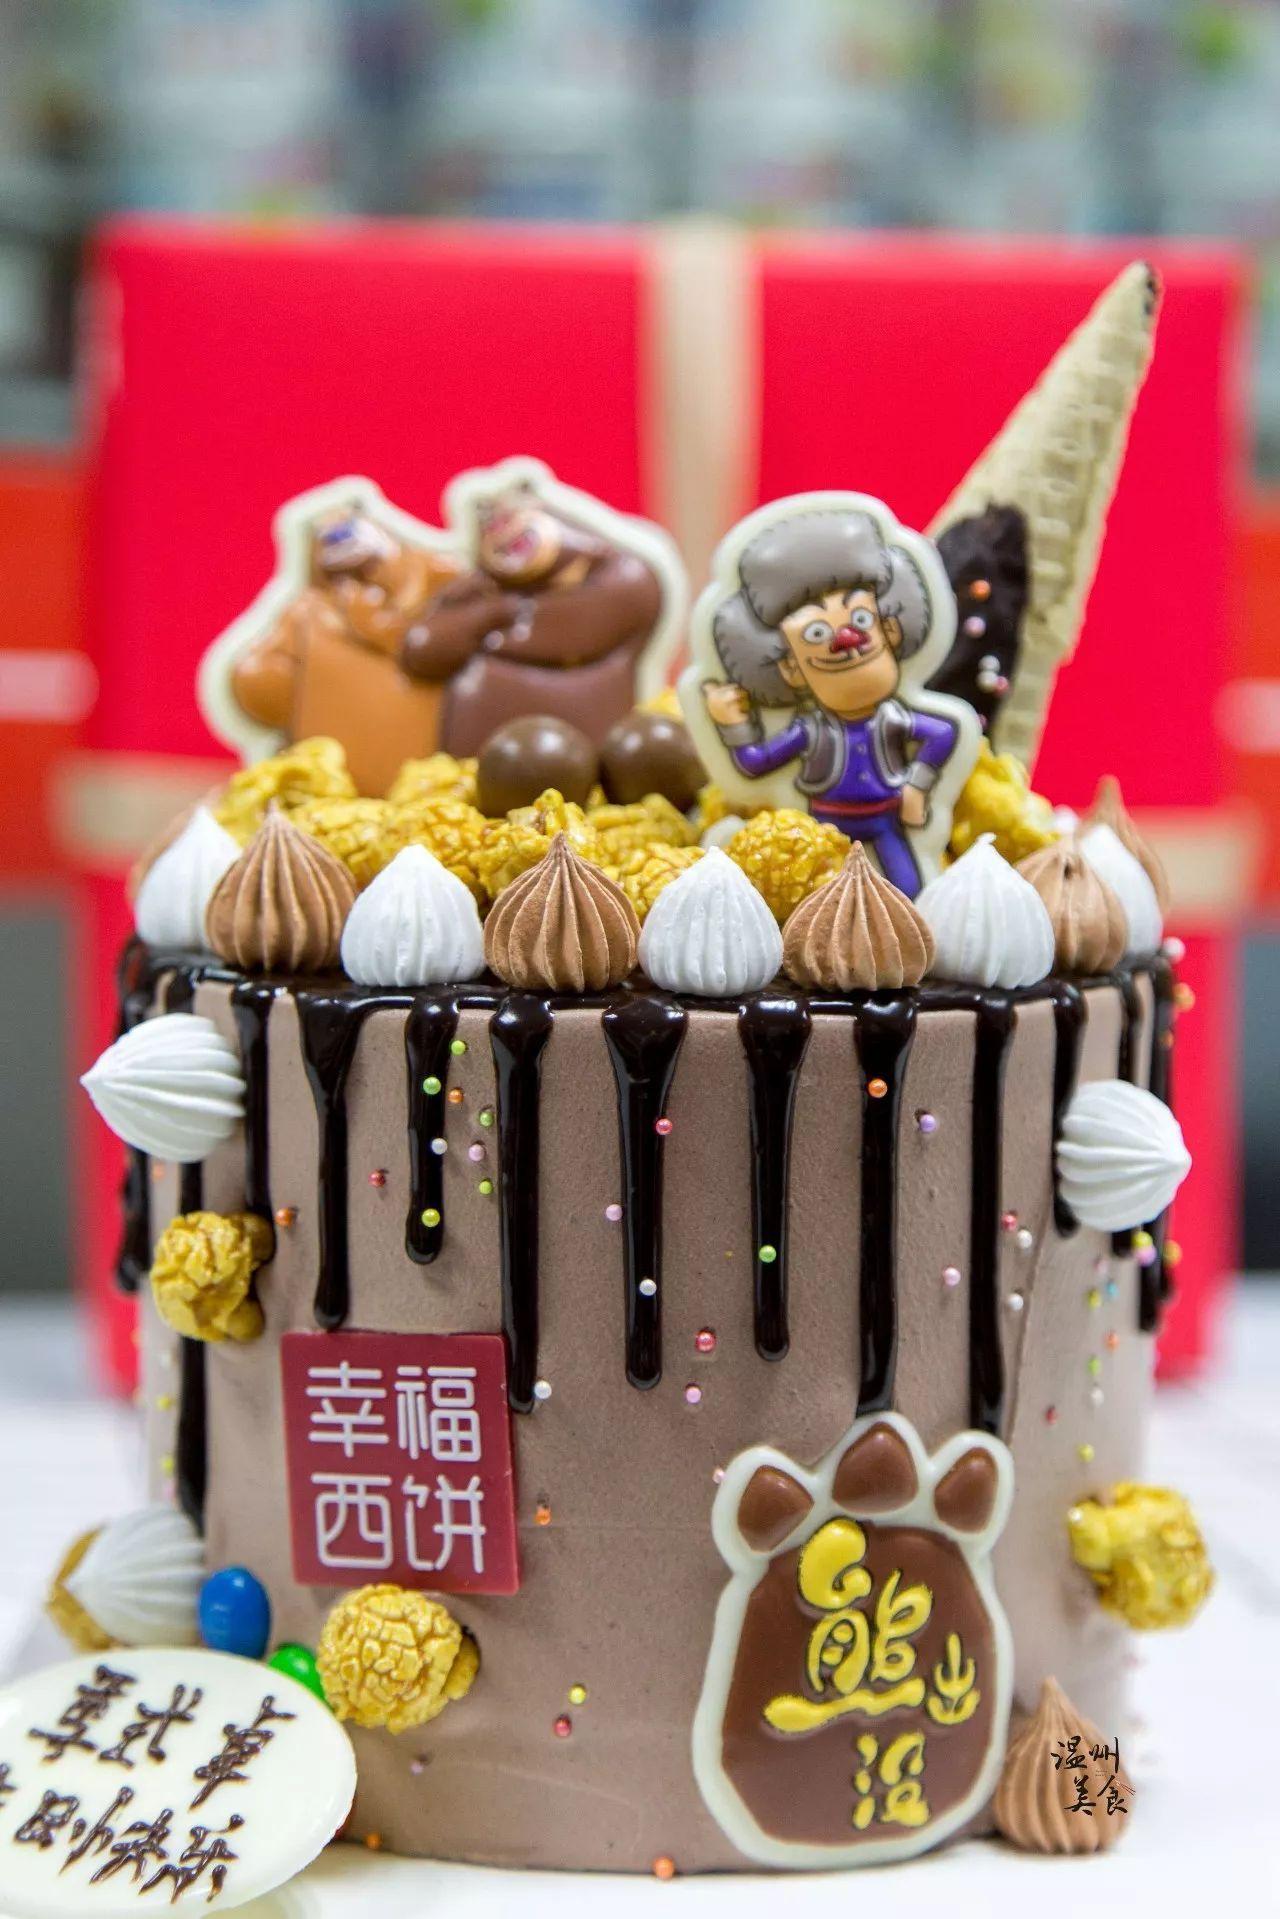 1亿人吃过,何炅代言刘亦菲都爱的蛋糕,这回竟然免费送